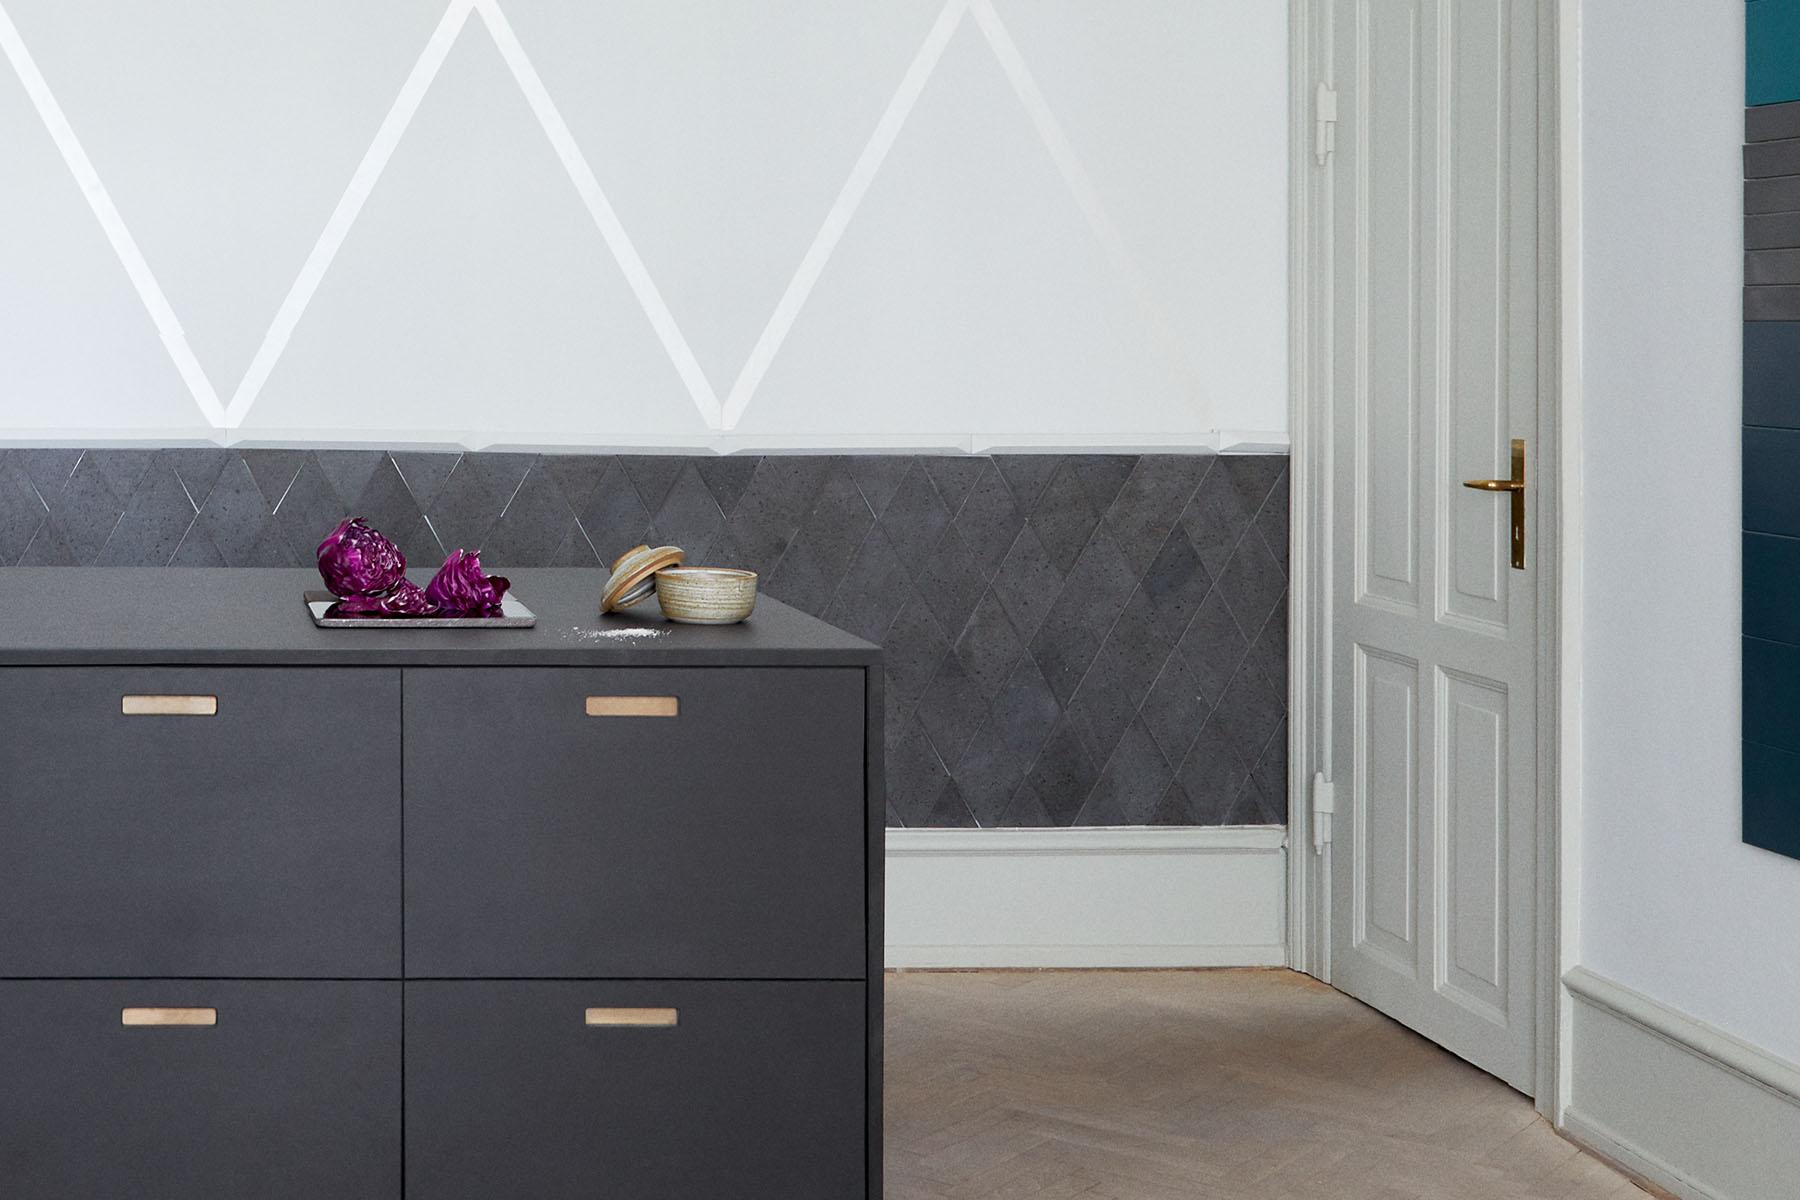 ikea laminatgulv perfect kjkken benkeplate heltre u. Black Bedroom Furniture Sets. Home Design Ideas